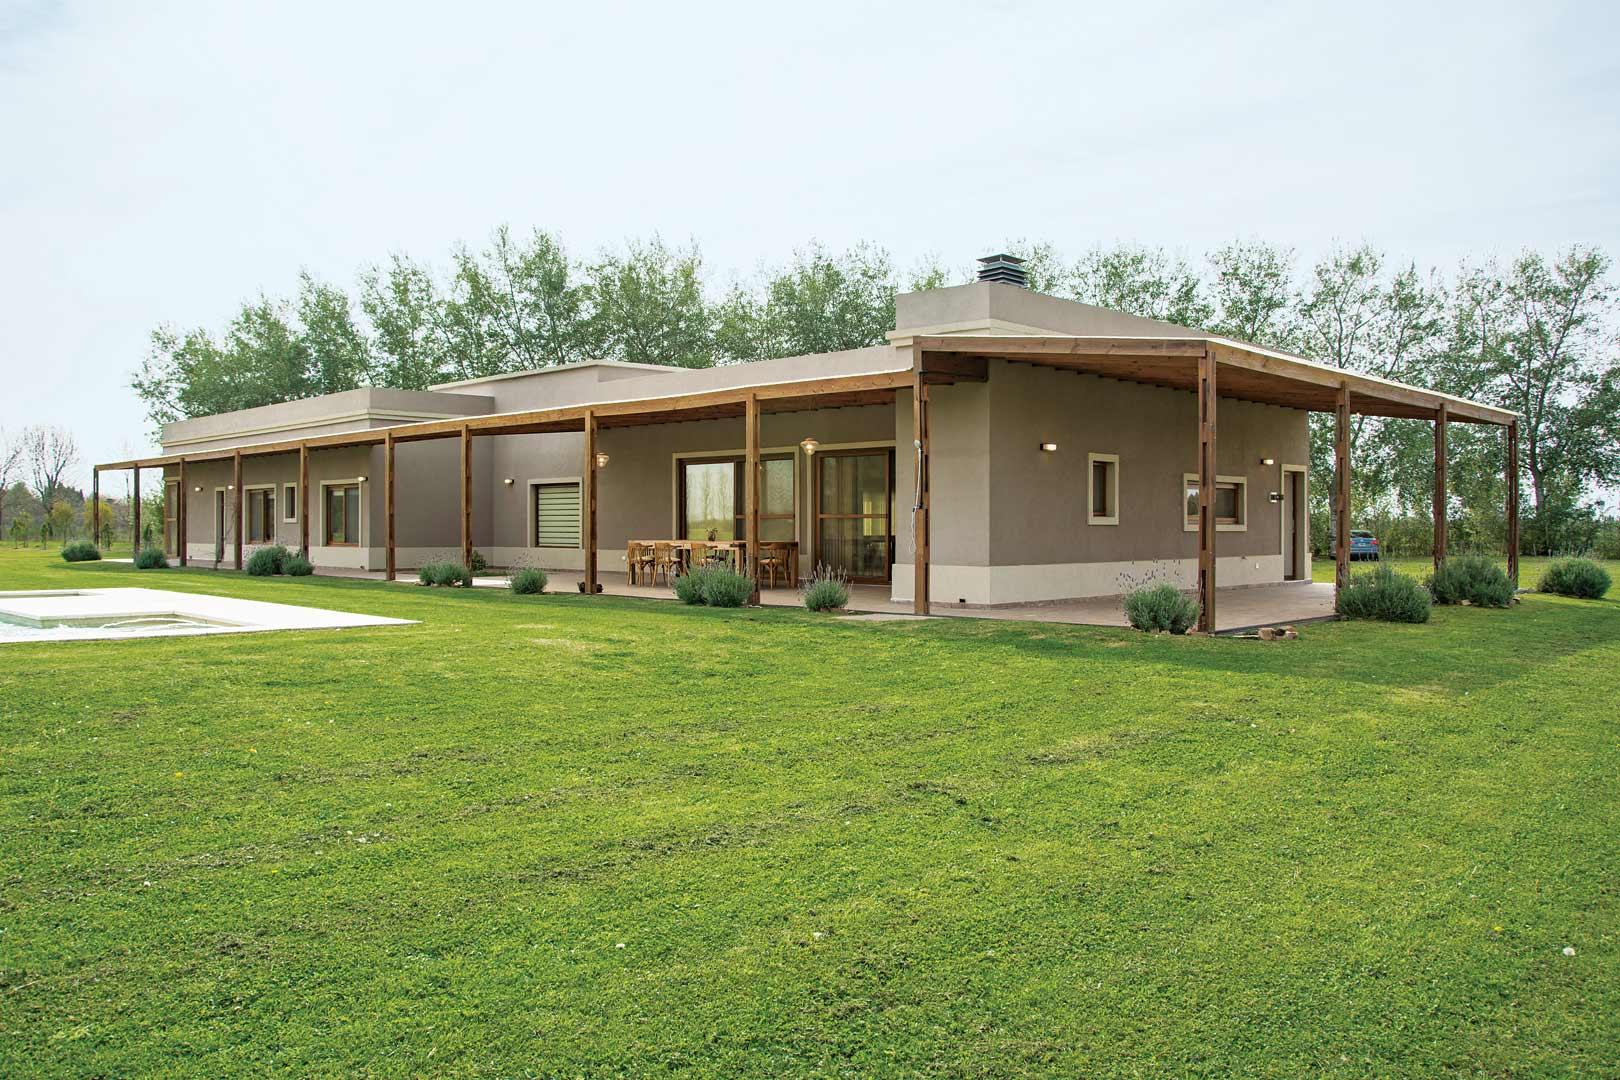 Casarella casa estilo campo moderno portal de arquitectos for Portal de arquitectos casa de campo